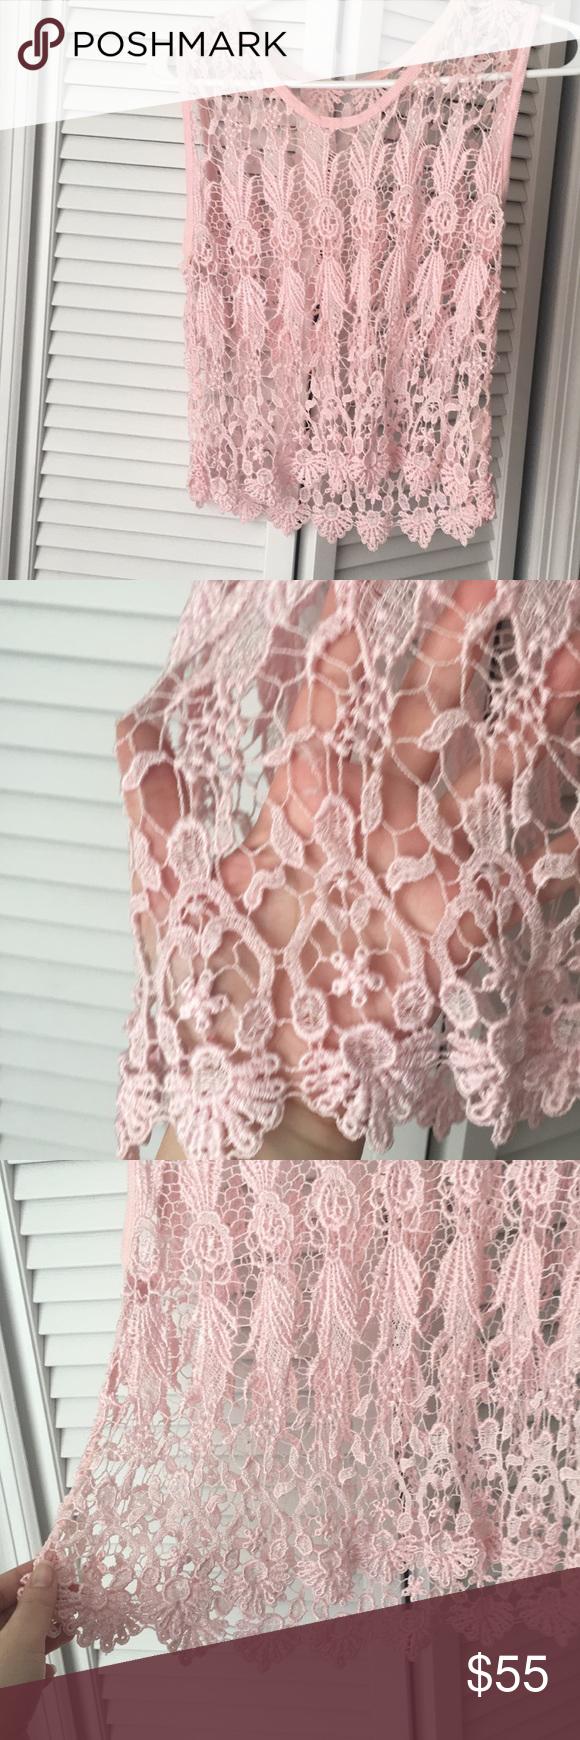 Pink crochet crop tank top sz M Pink crochet crop tank top sz M Tops Crop Tops #crochettanktops